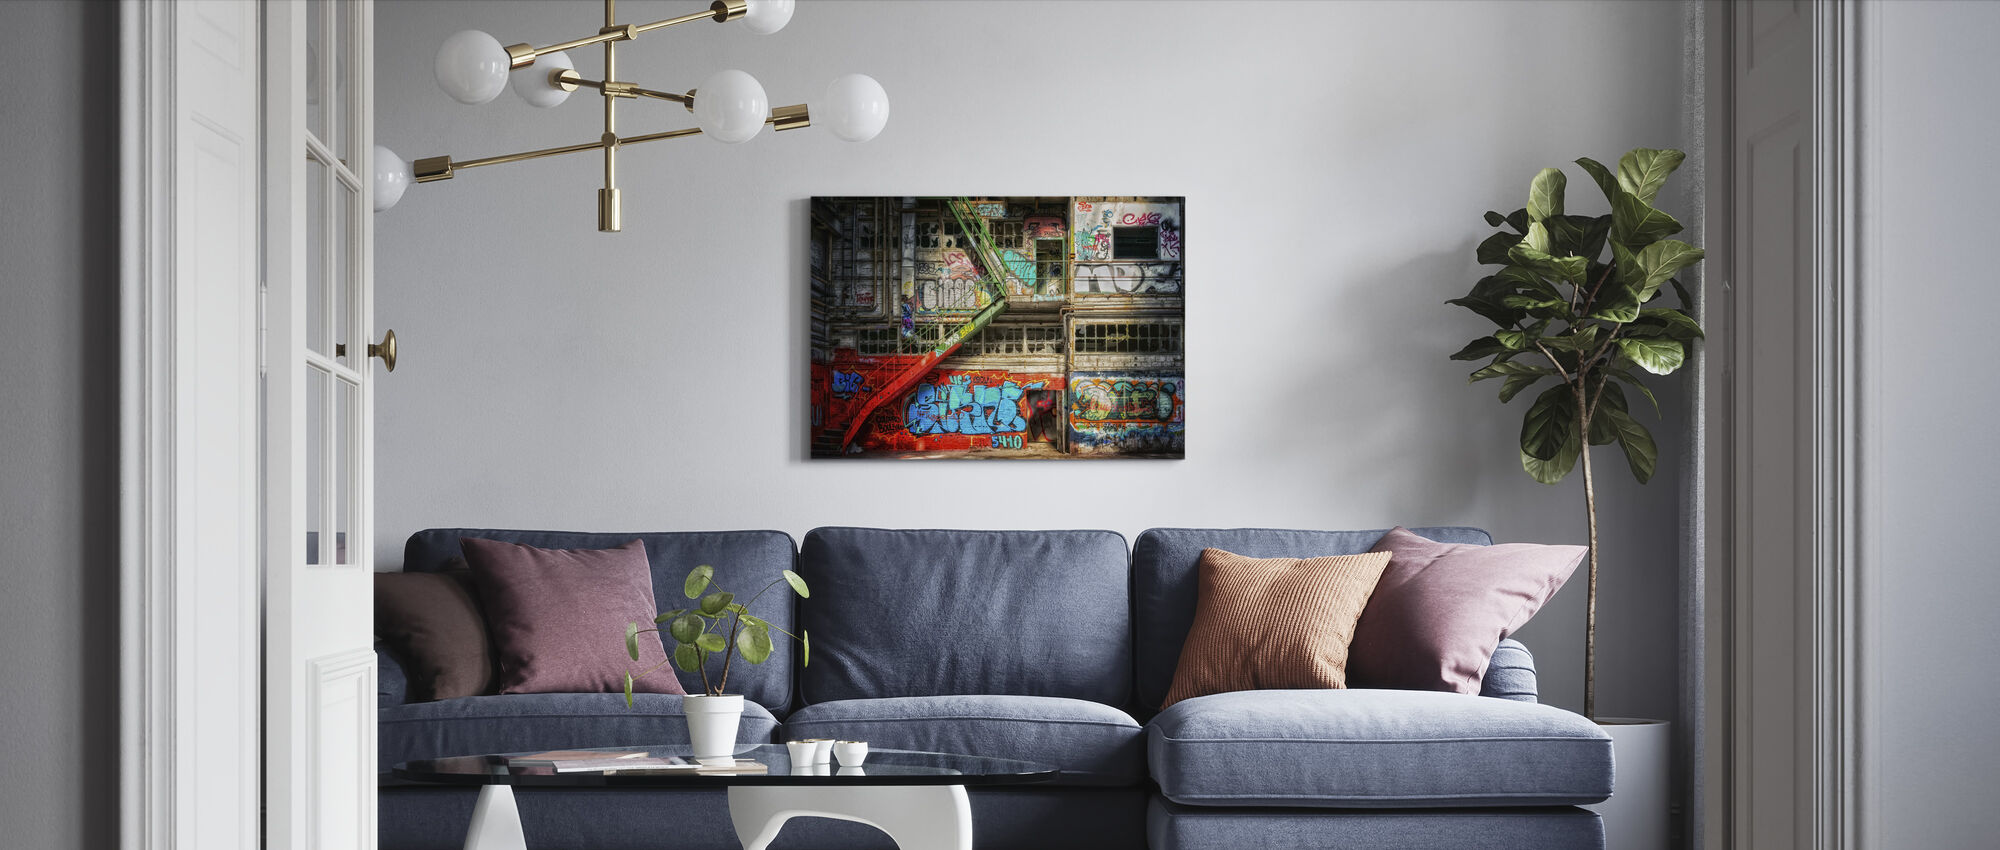 Hylätty rakennus - Canvastaulu - Olohuone